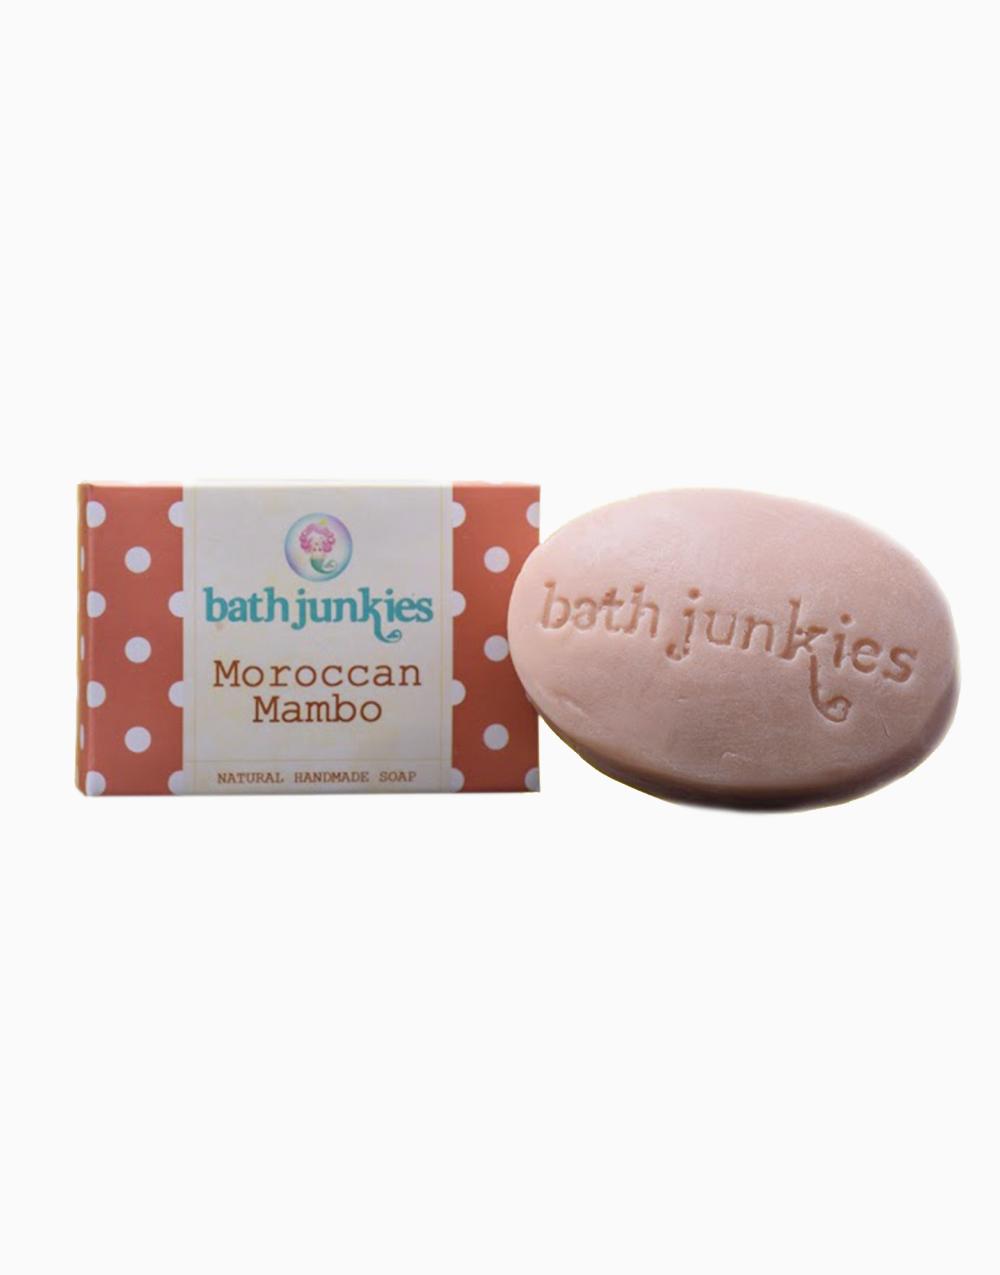 Moroccan Mambo Groovy Bath Bar by Bath Junkies